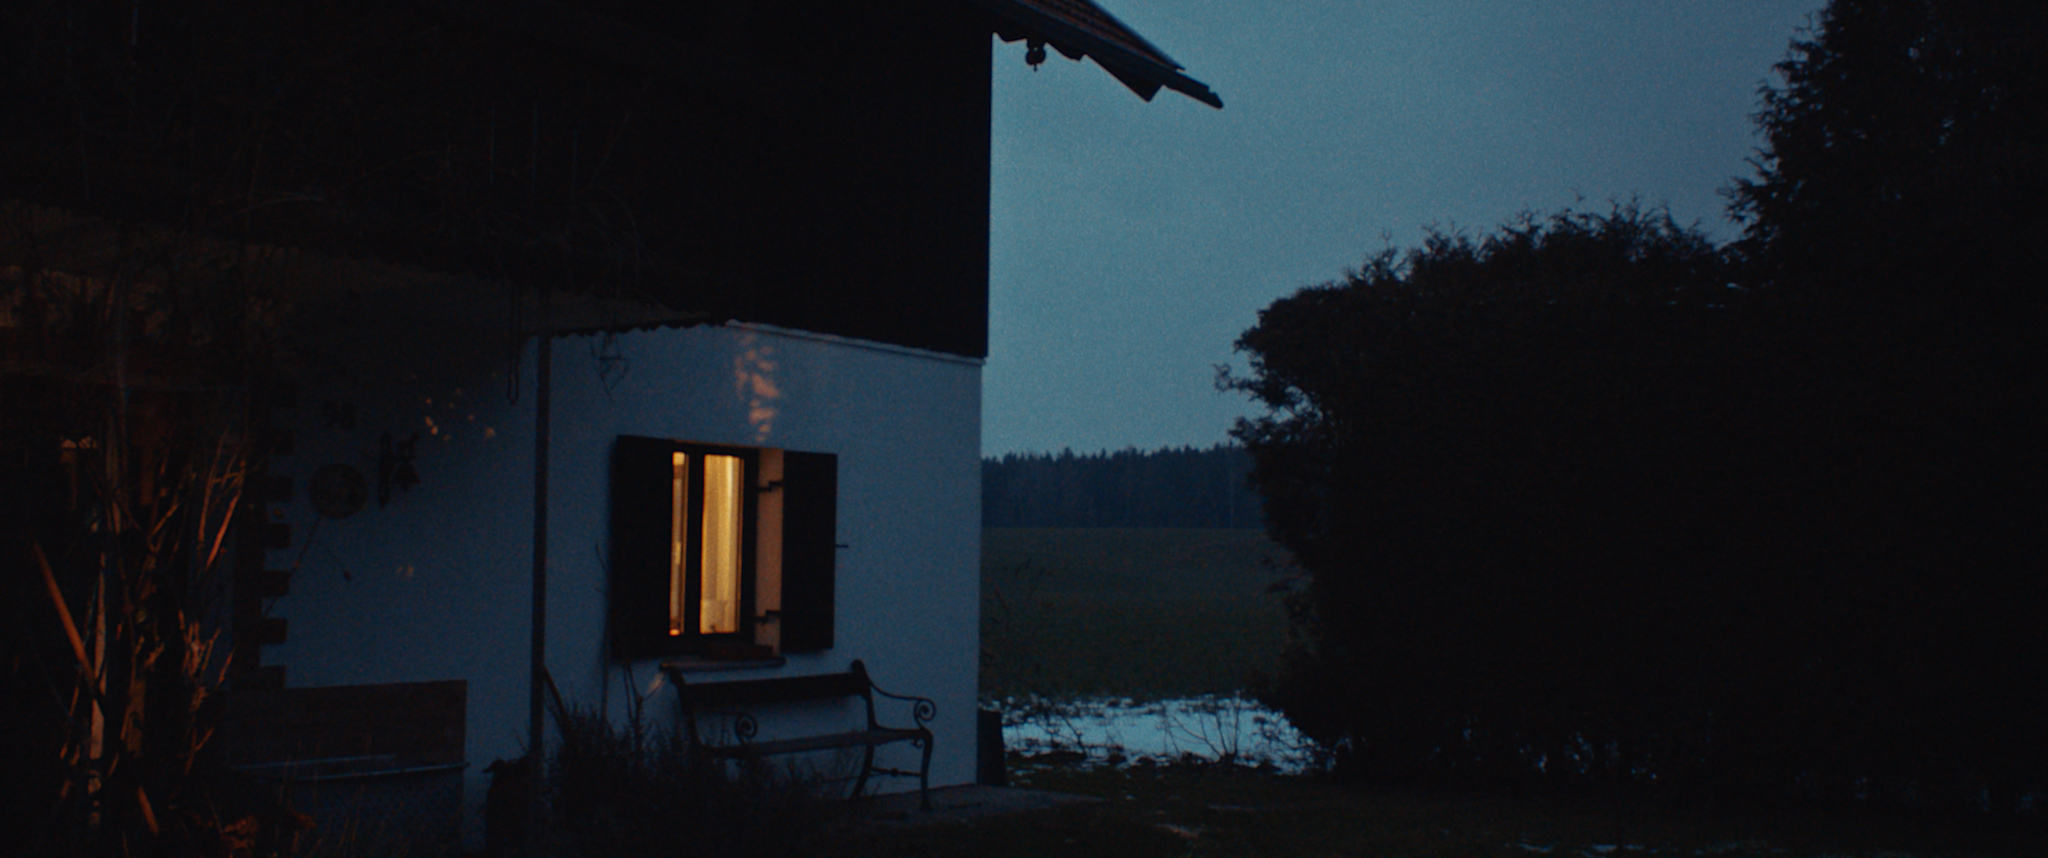 Boehringer Ingelheim - Helga Copy 01.00_00_36_15.Still046.jpeg